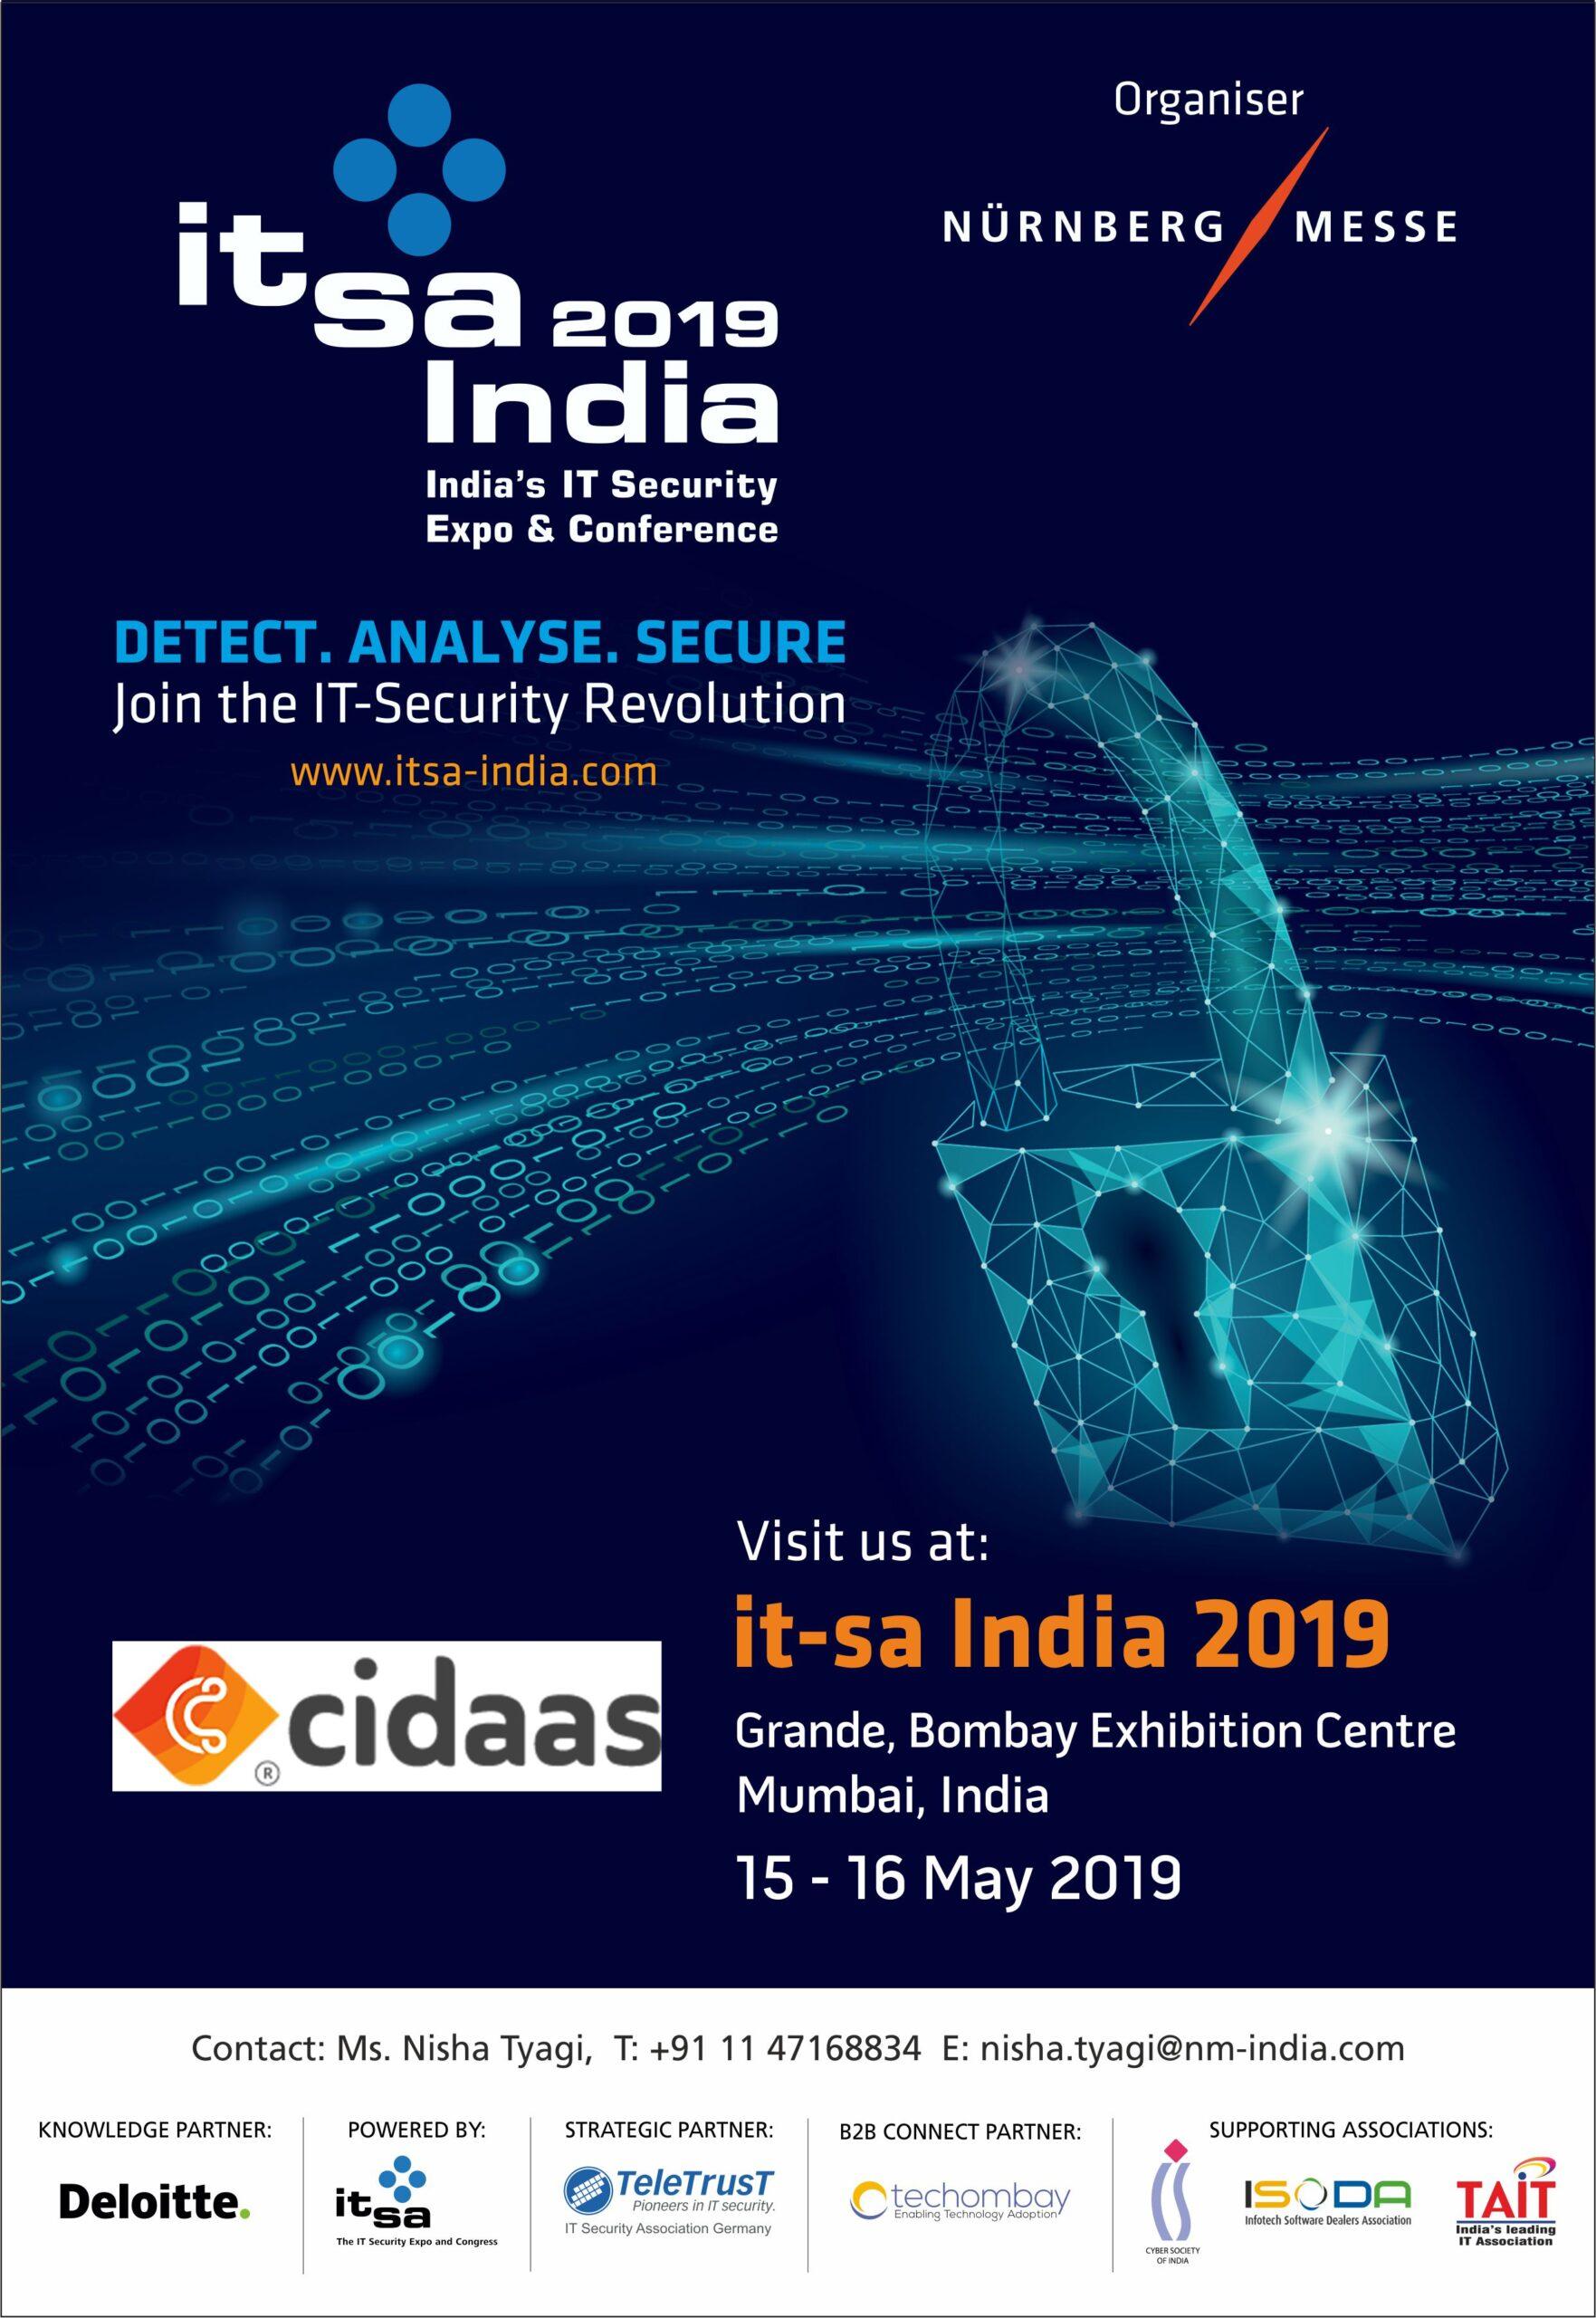 cidaas auf der it-sa 2019 in mumbai